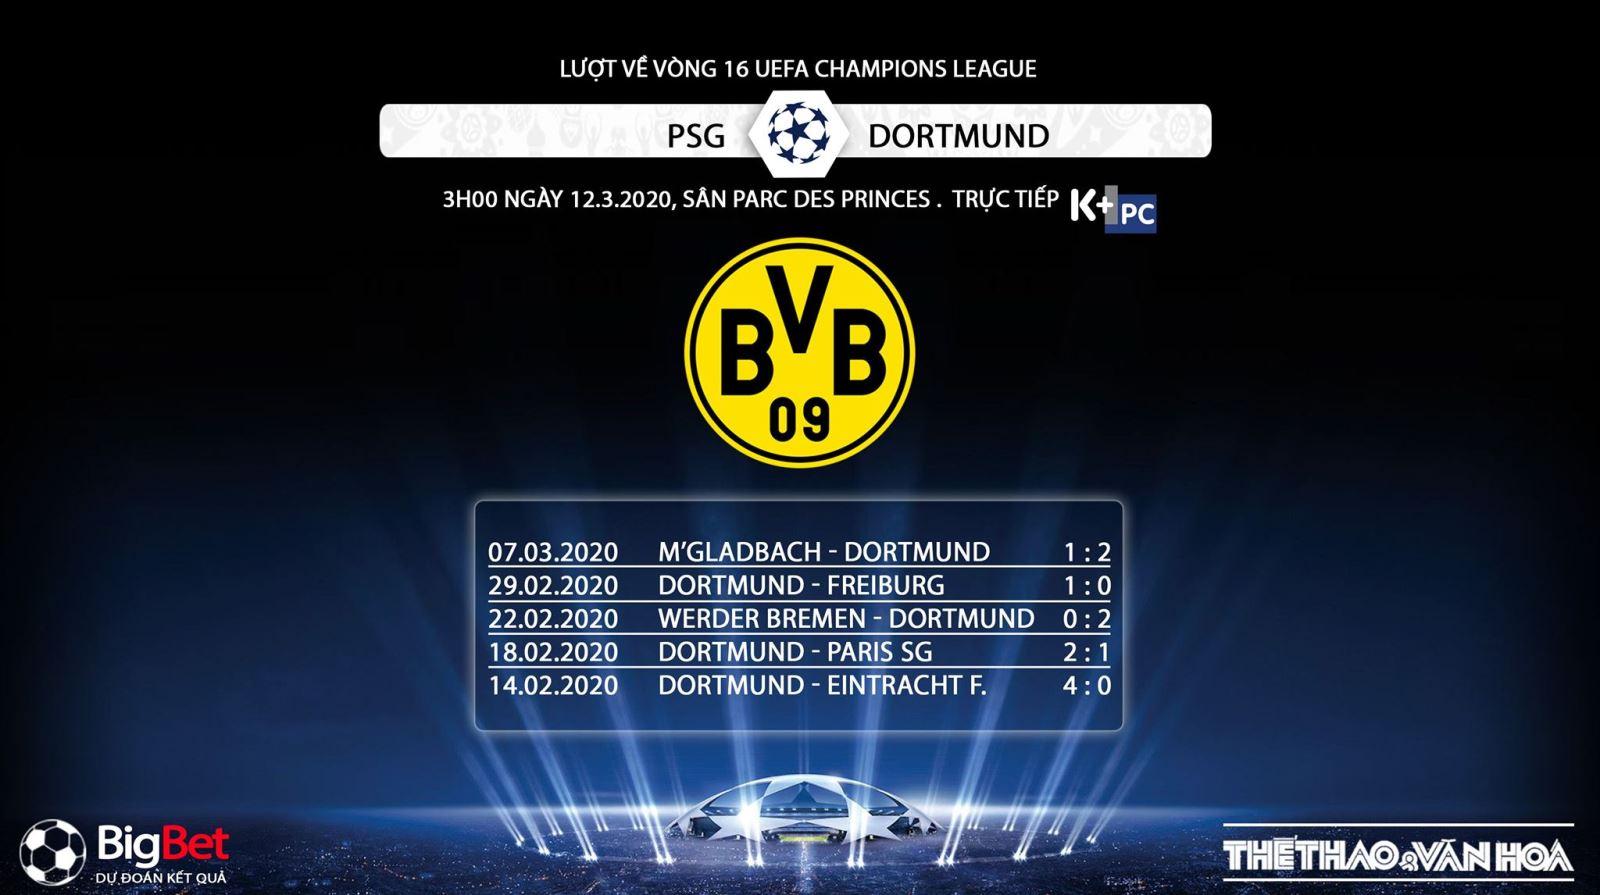 Chú thích PSG vs Dortmund, PSG, Dortmund, trực tiếp bóng đá, lịch thi đấu bóng đá, PSG, K+PC, K+NS, bóng đá, trực tiếp bóng đá, Cúp C1